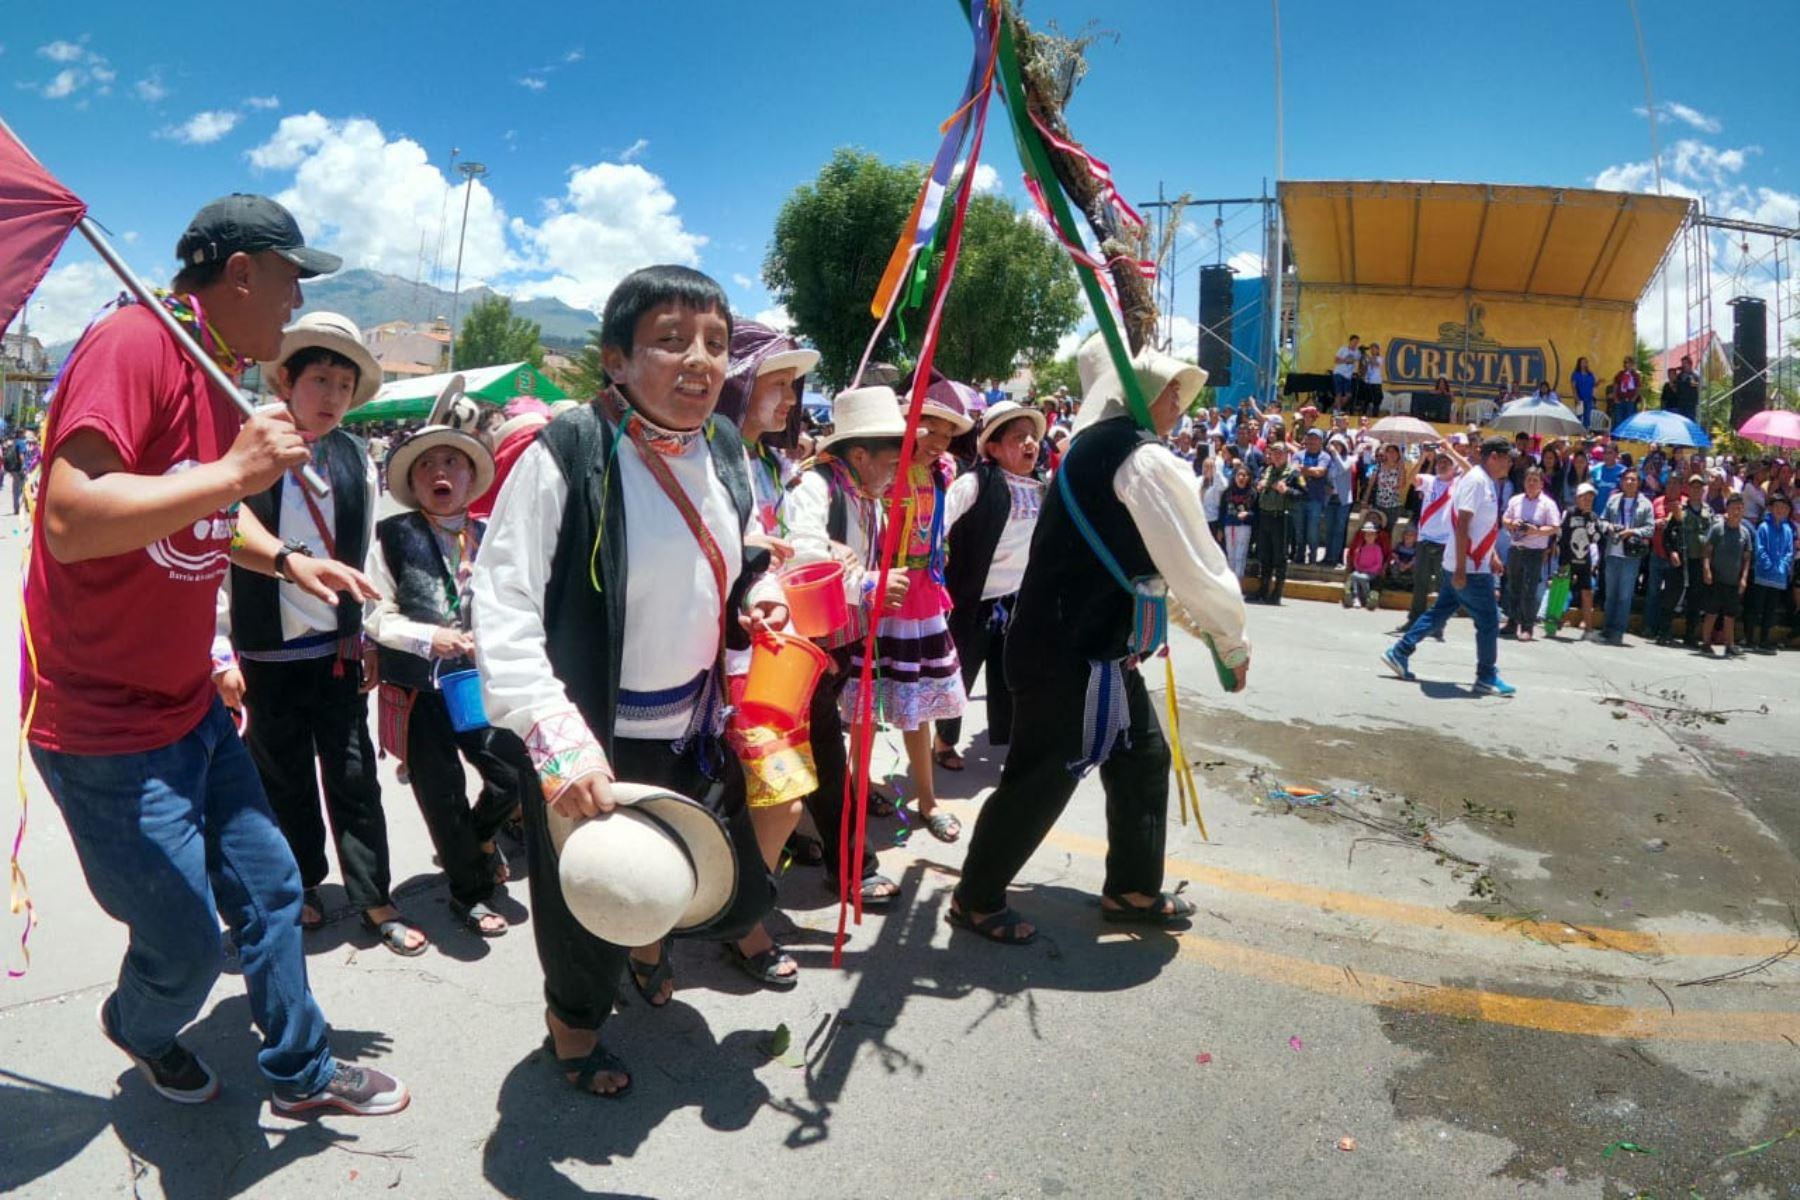 Se inicio el Carnaval Huaracino 2020, con la participación de doce bases barriales, pueblos del Callejón de Huaylas, y Conchucos que danzaron por las  calles de Huaraz, en la región Áncash. Foto: Cortesía Gonzalo Horna